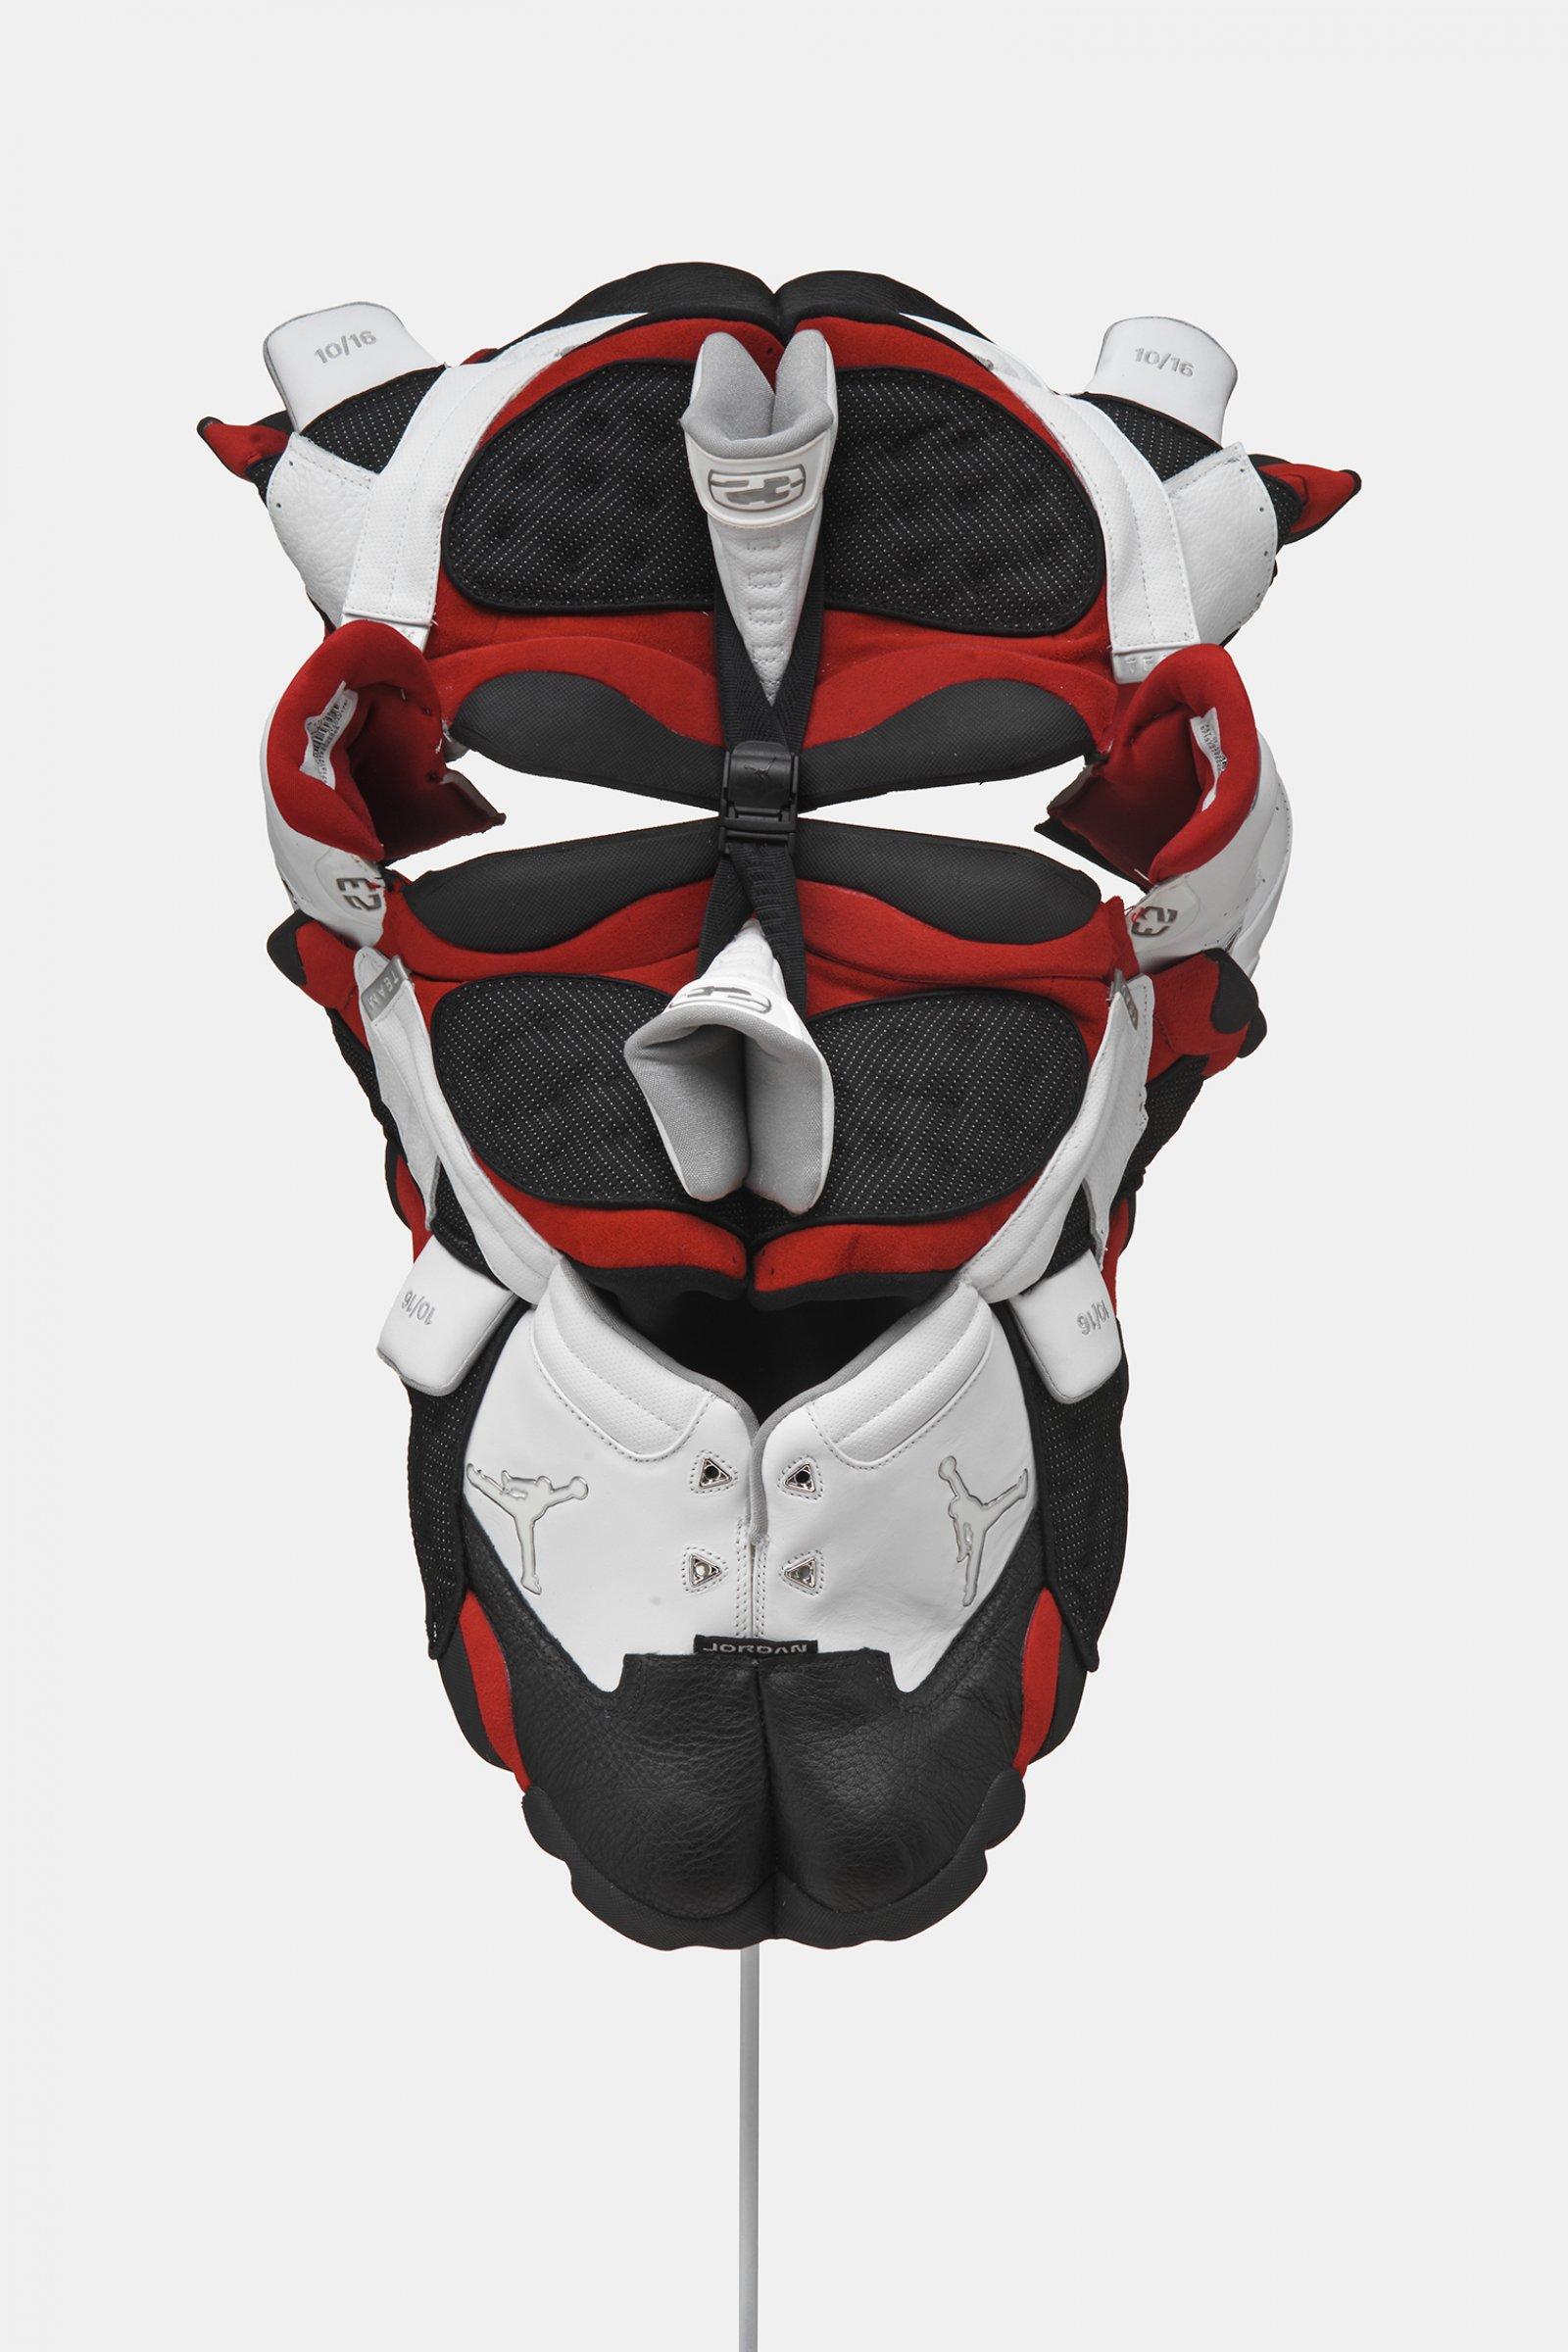 BrianJungen,Prototype for New Understanding #21, 2005, nike air jordans, 20 x 14 x 13 in. (50 x 36 x 33 cm)